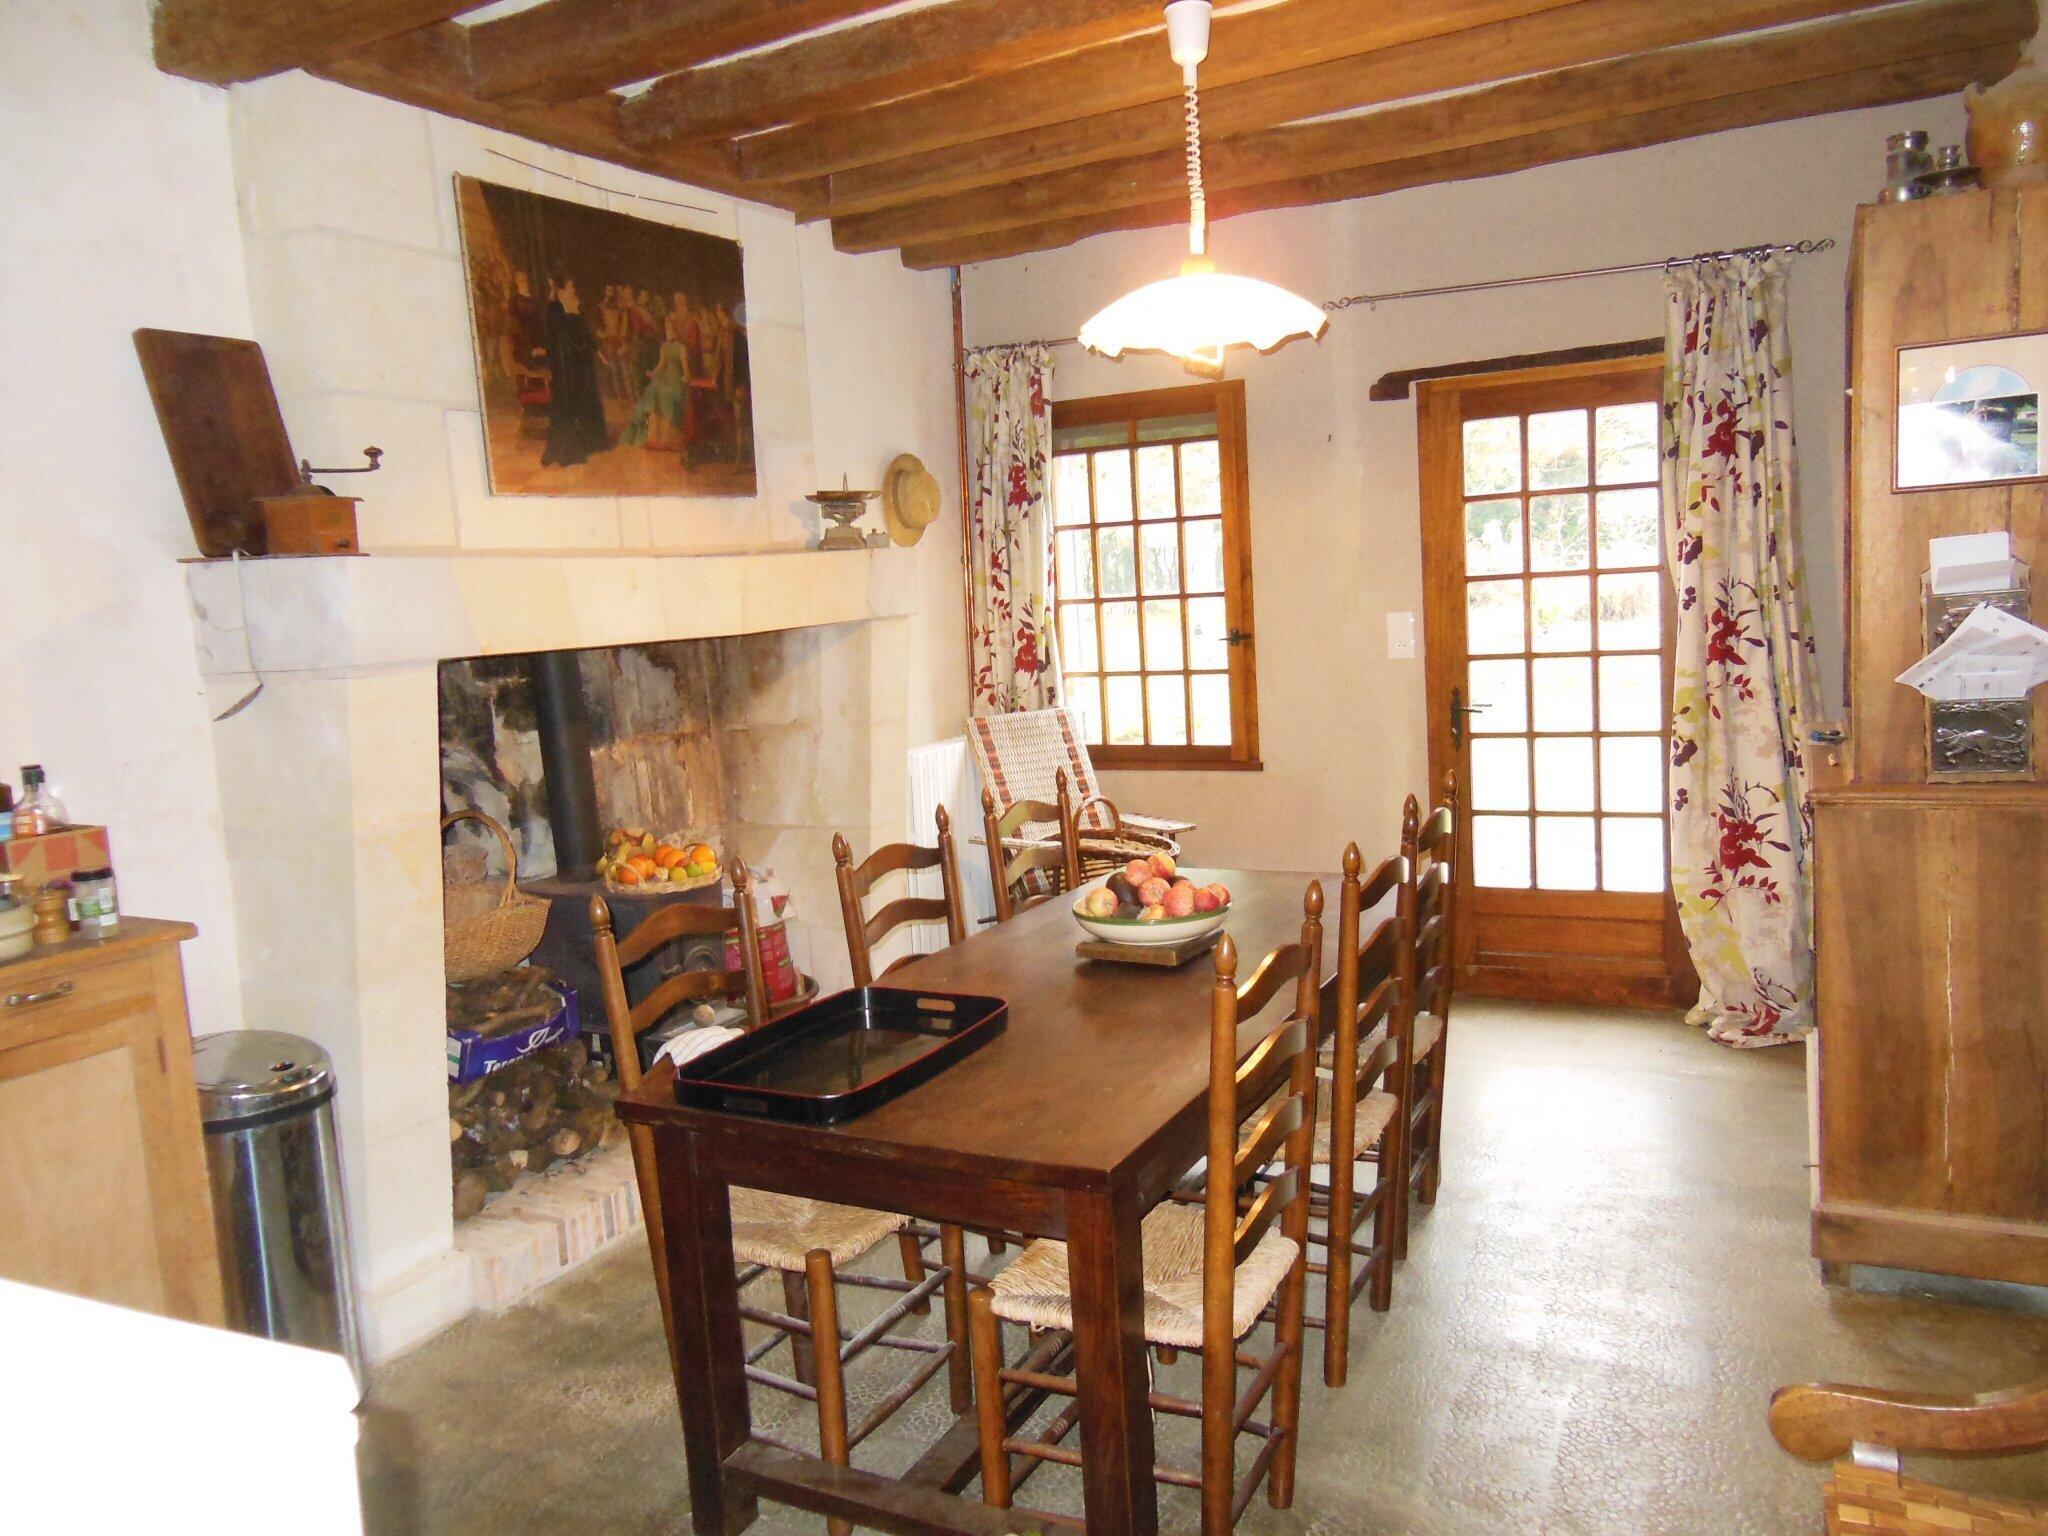 Immobilier Les Rosiers-sur-Loire : comment choisir son logement ?